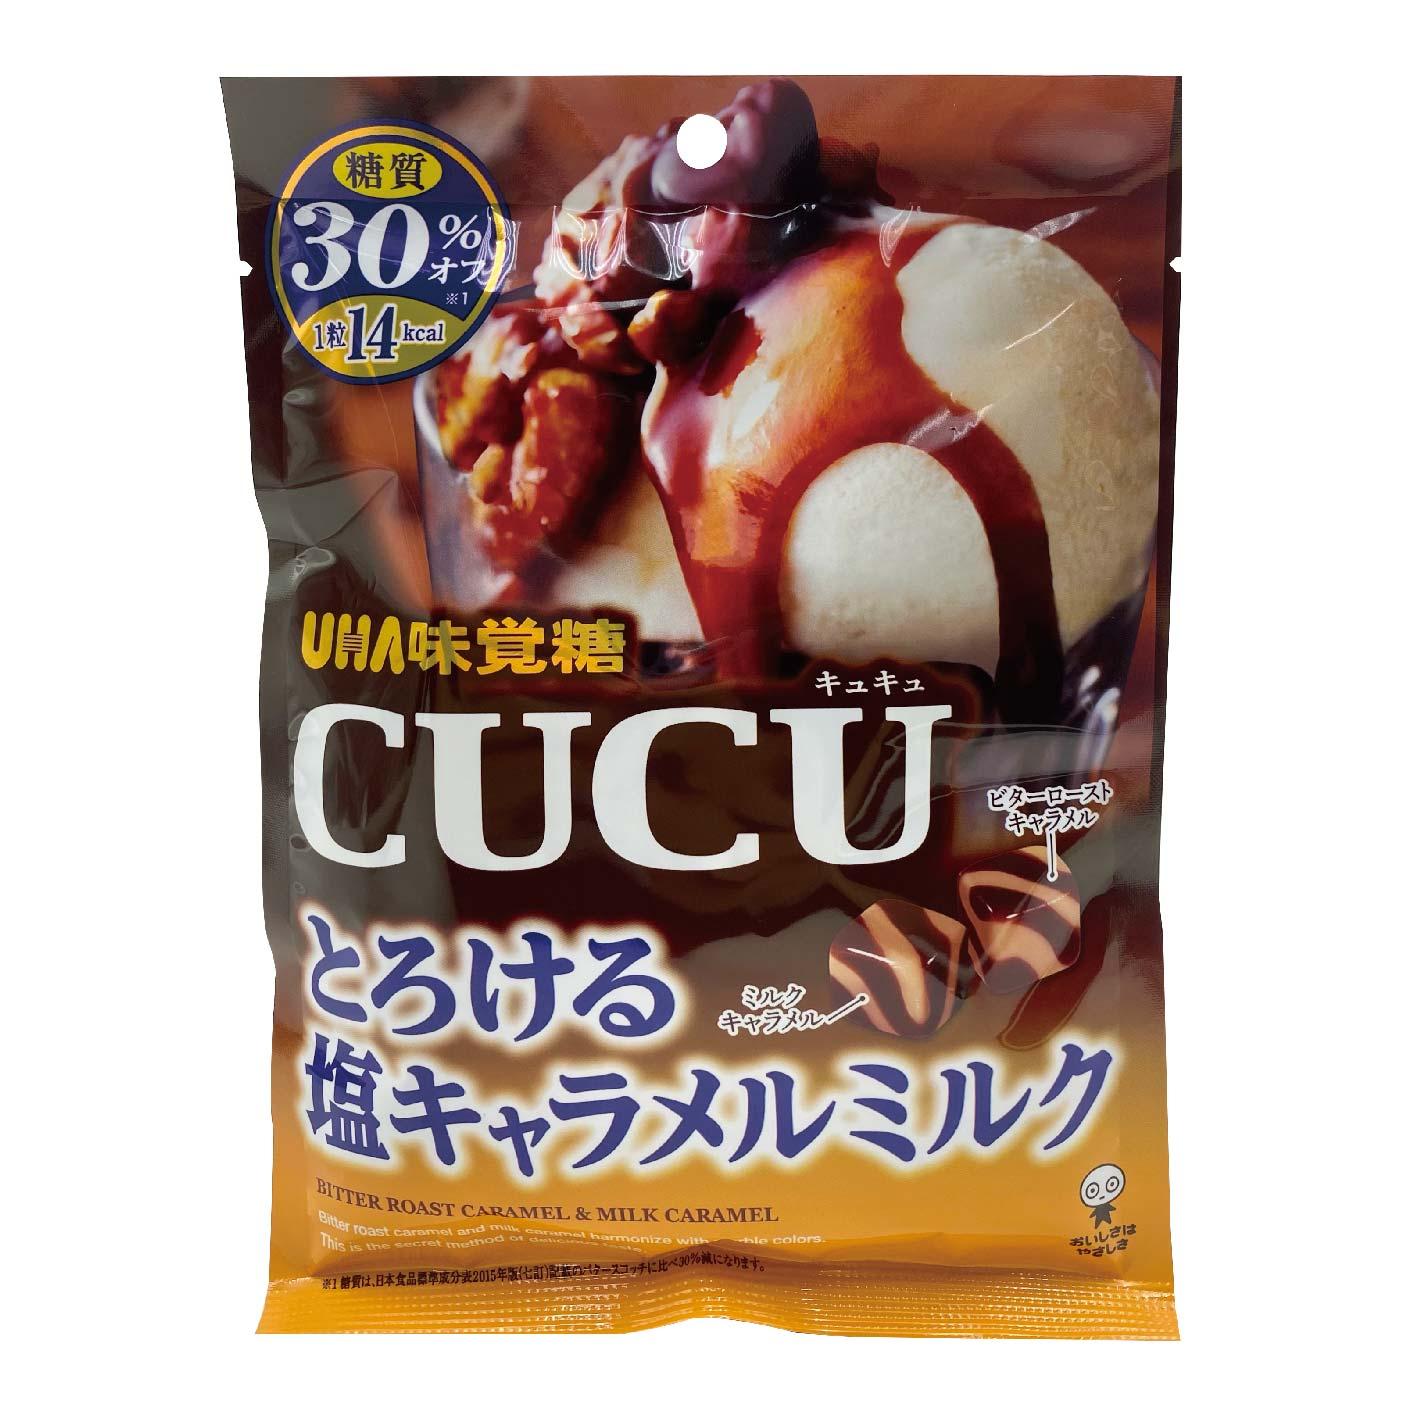 日本 UHA 味覺糖 CUCU 鹽焦糖牛奶 骰子糖 77g 方塊糖